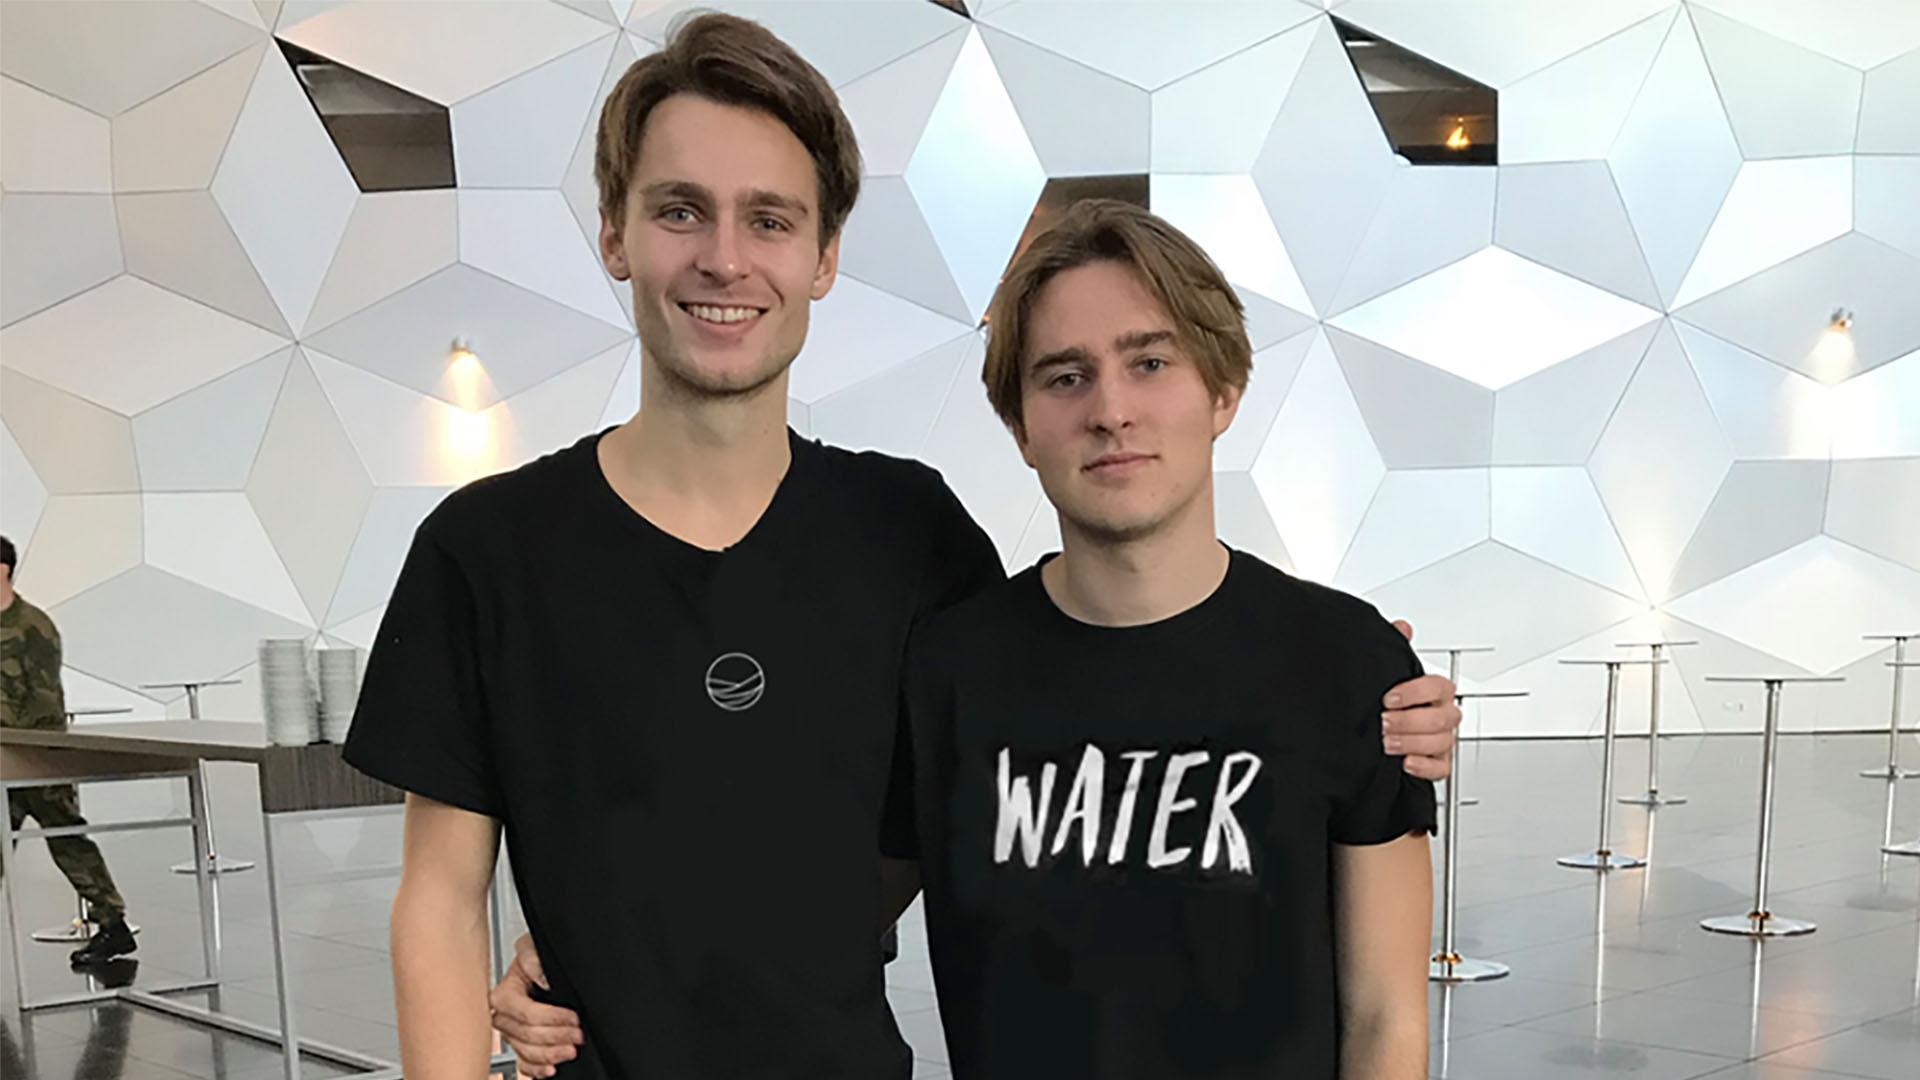 Vil gi hele verden vann